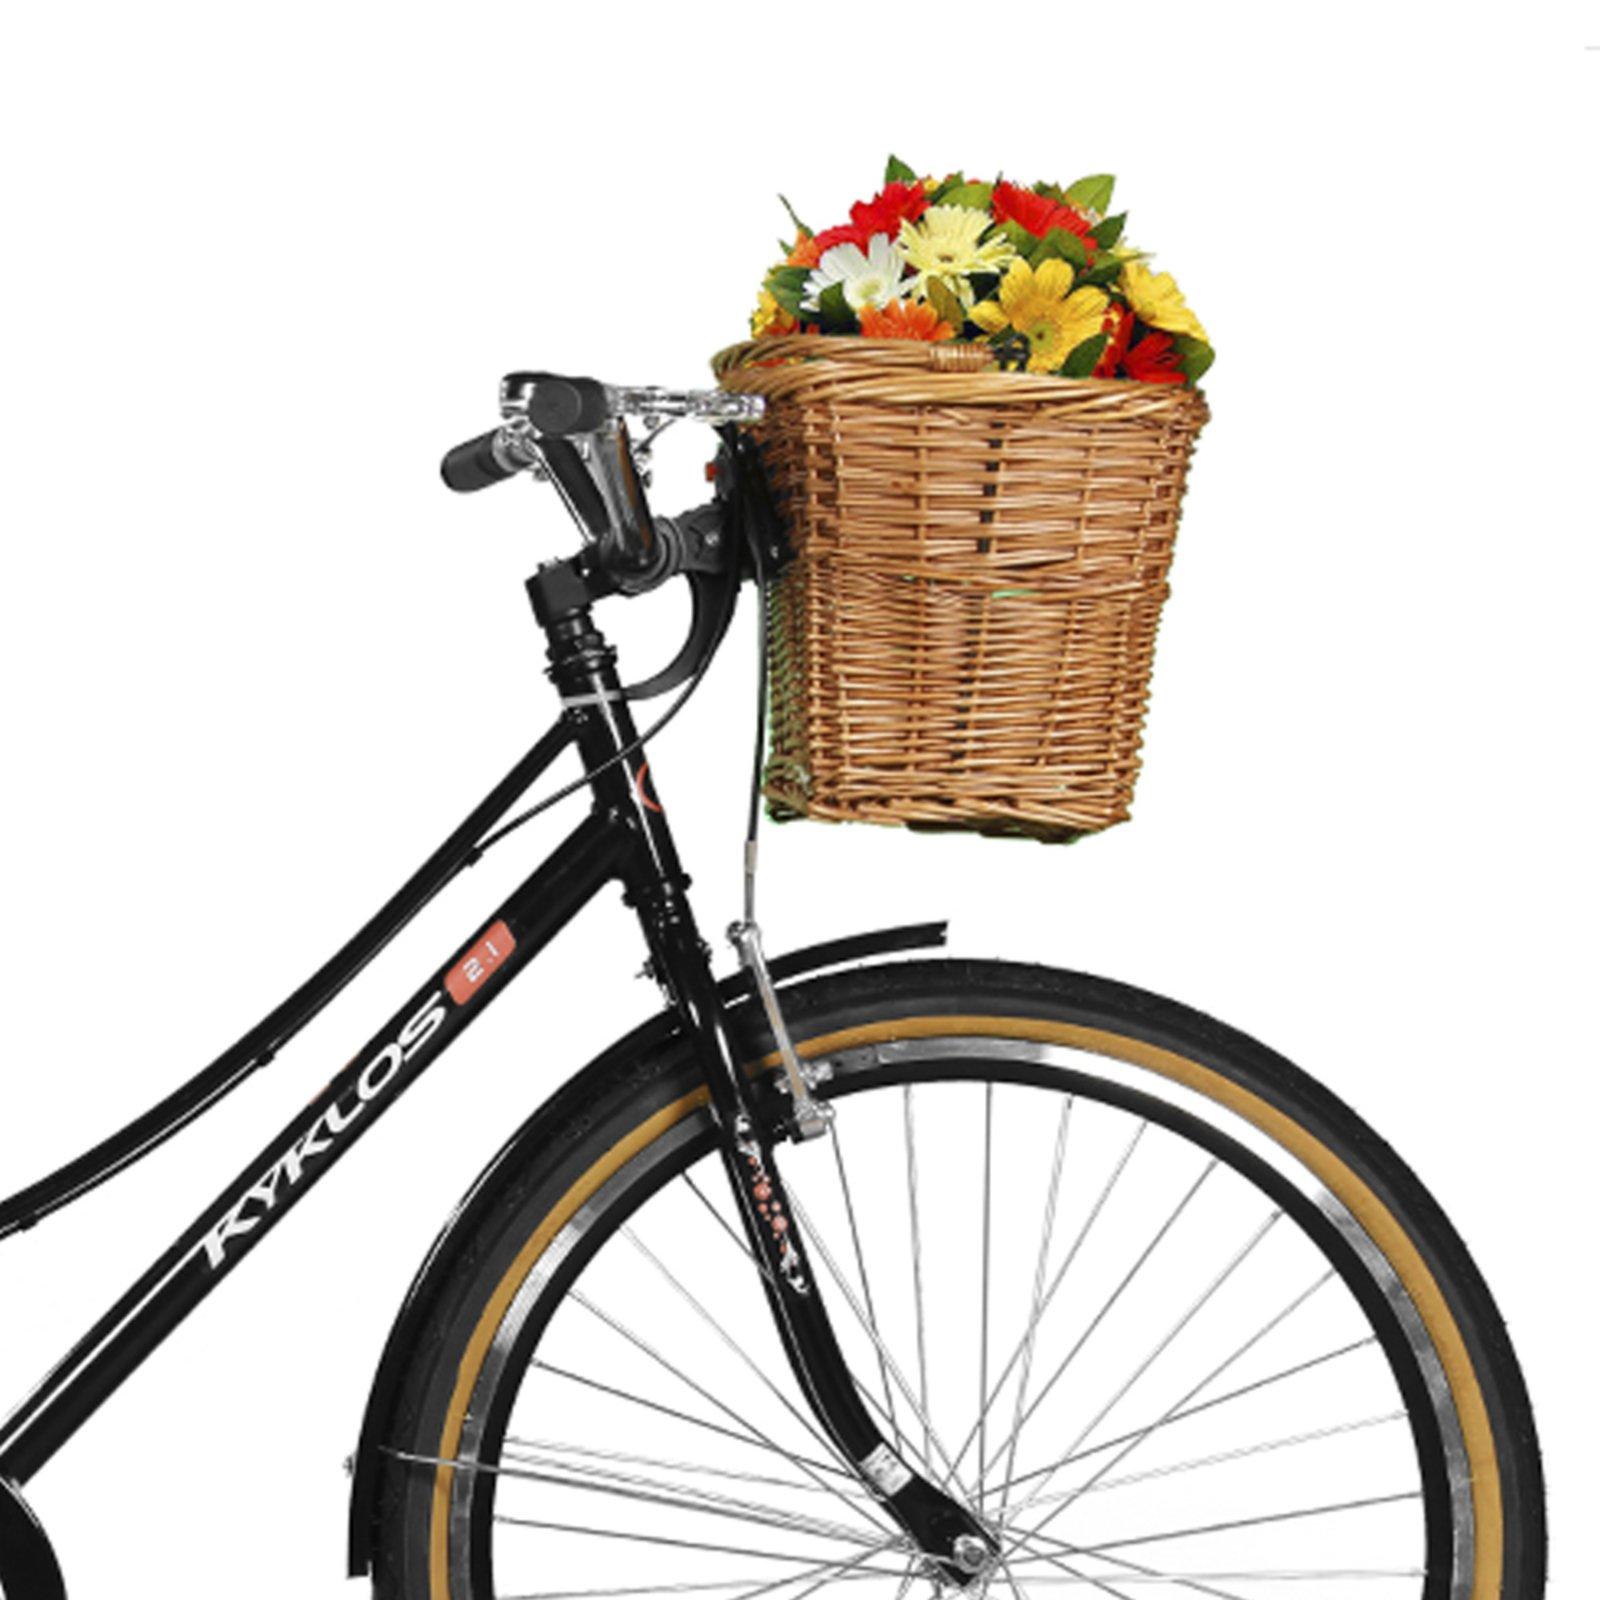 Bicicleta Kyklos Aro 26 Jolie 2.1 com Bagageiro Preto - Compre Agora